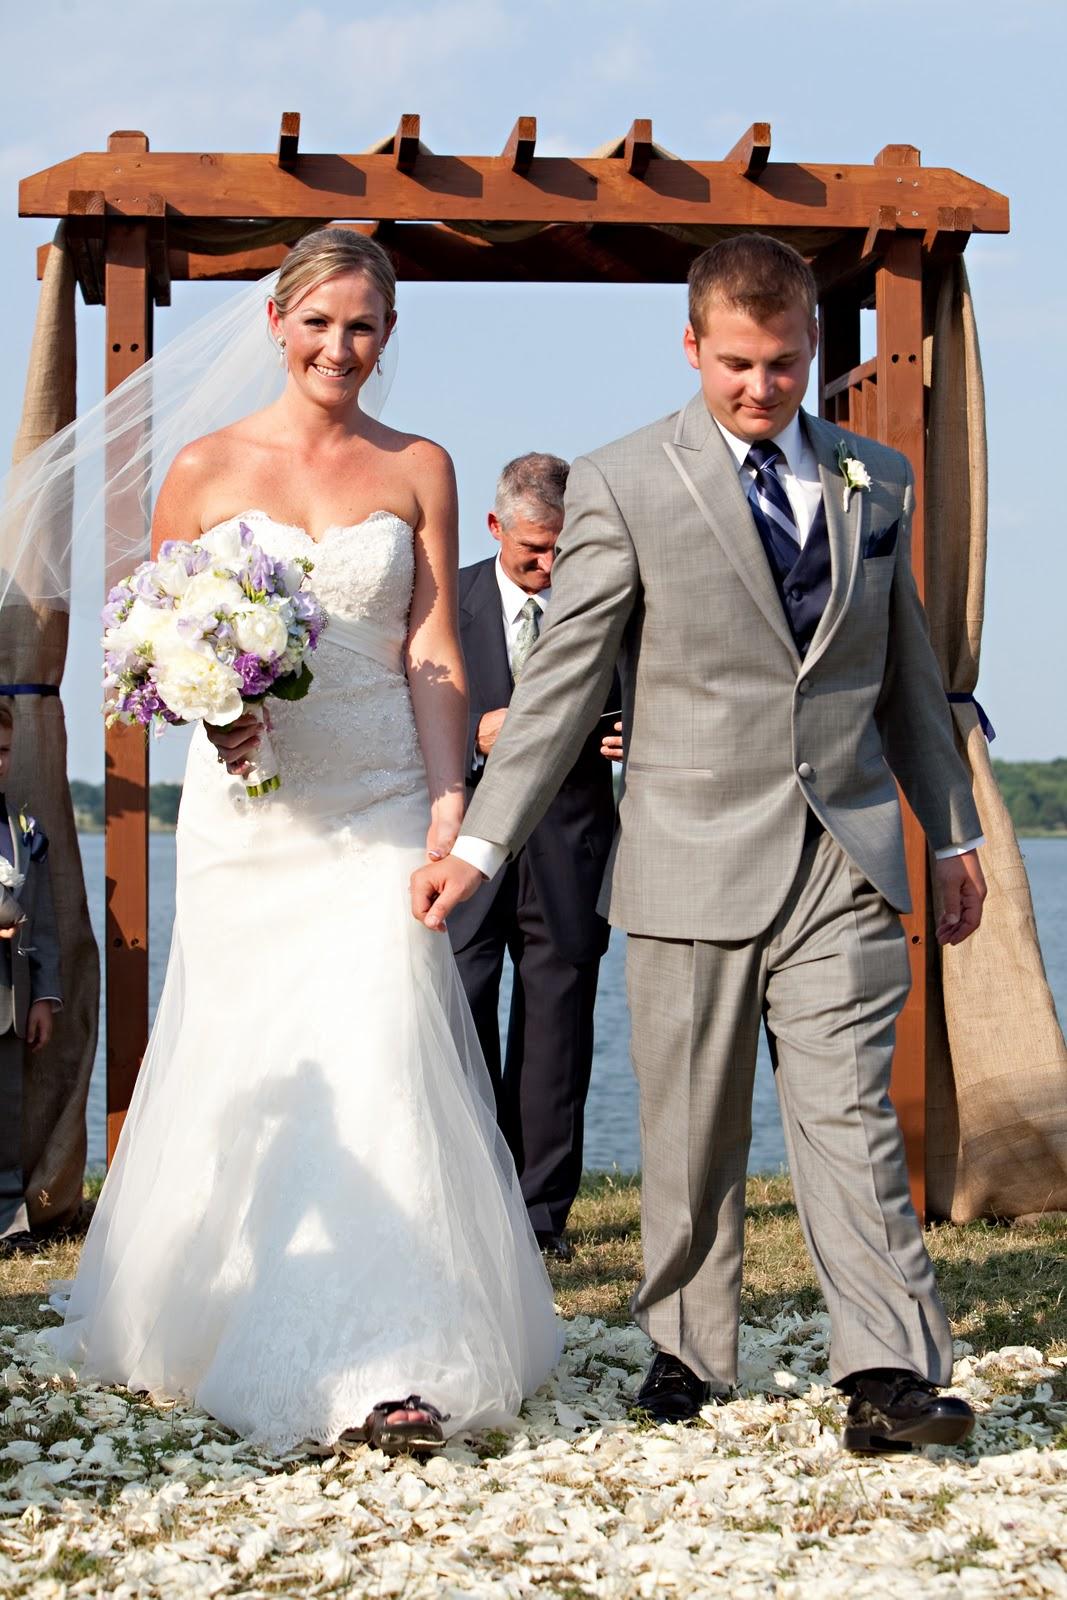 Dallas Wedding Planner | Dallas Wedding Coordinators ...